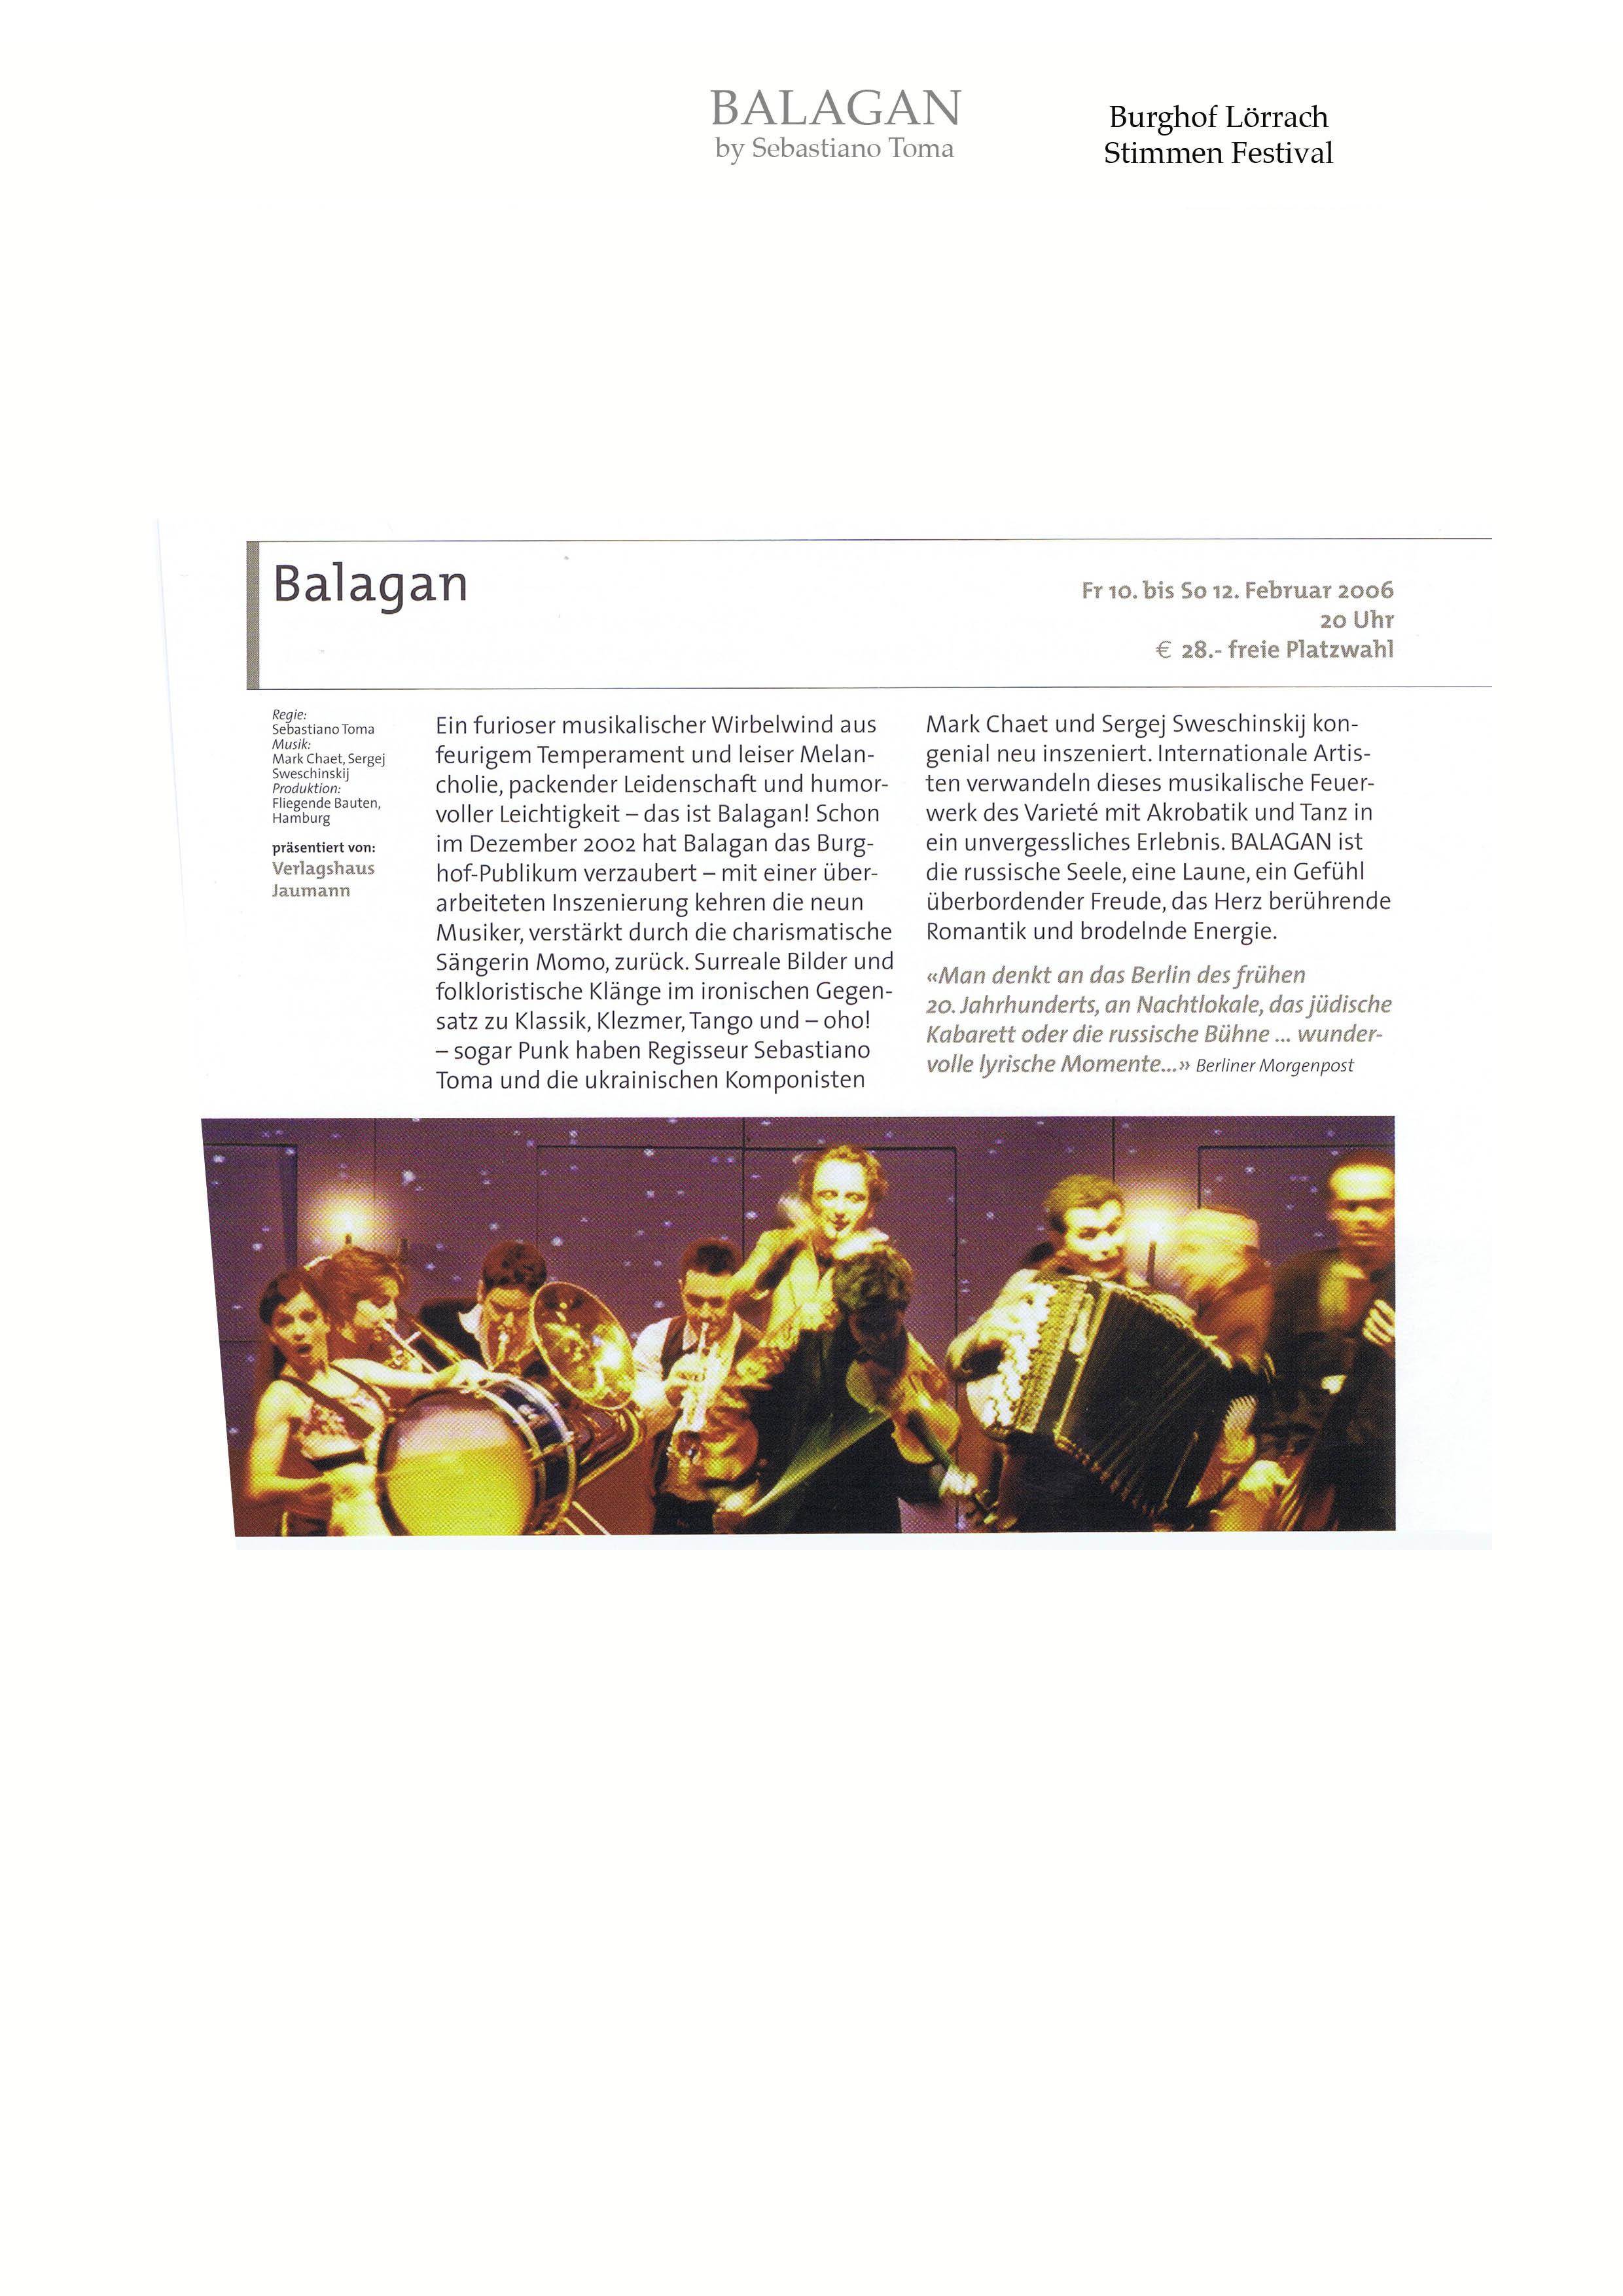 Balagan by Sebastiano Toma